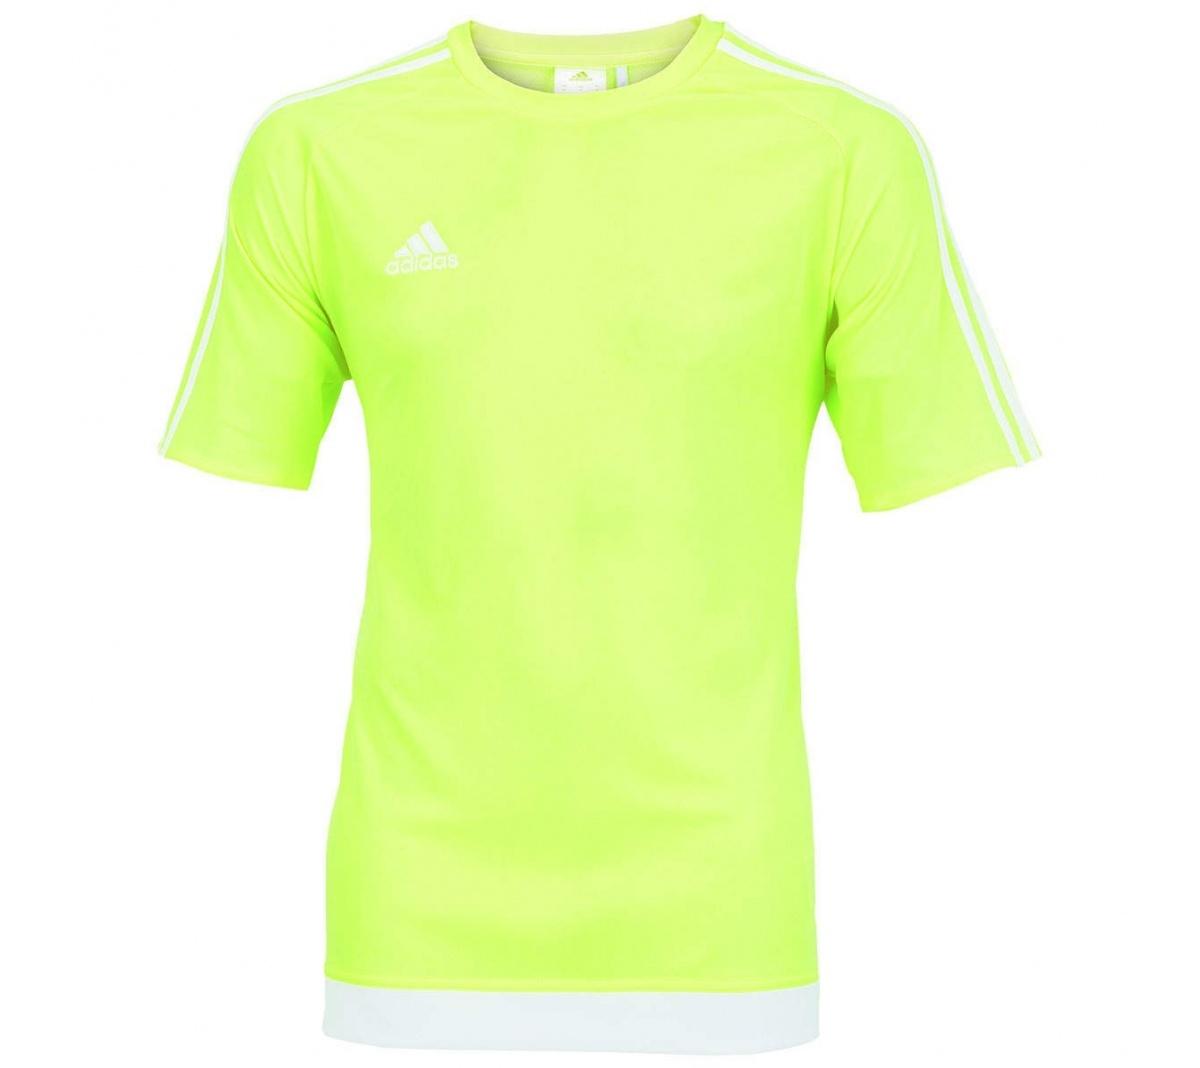 camisa adidas estro 15 branco preto mundo do futebo 8268fc3a156d60 ... bc6e5553d2d62